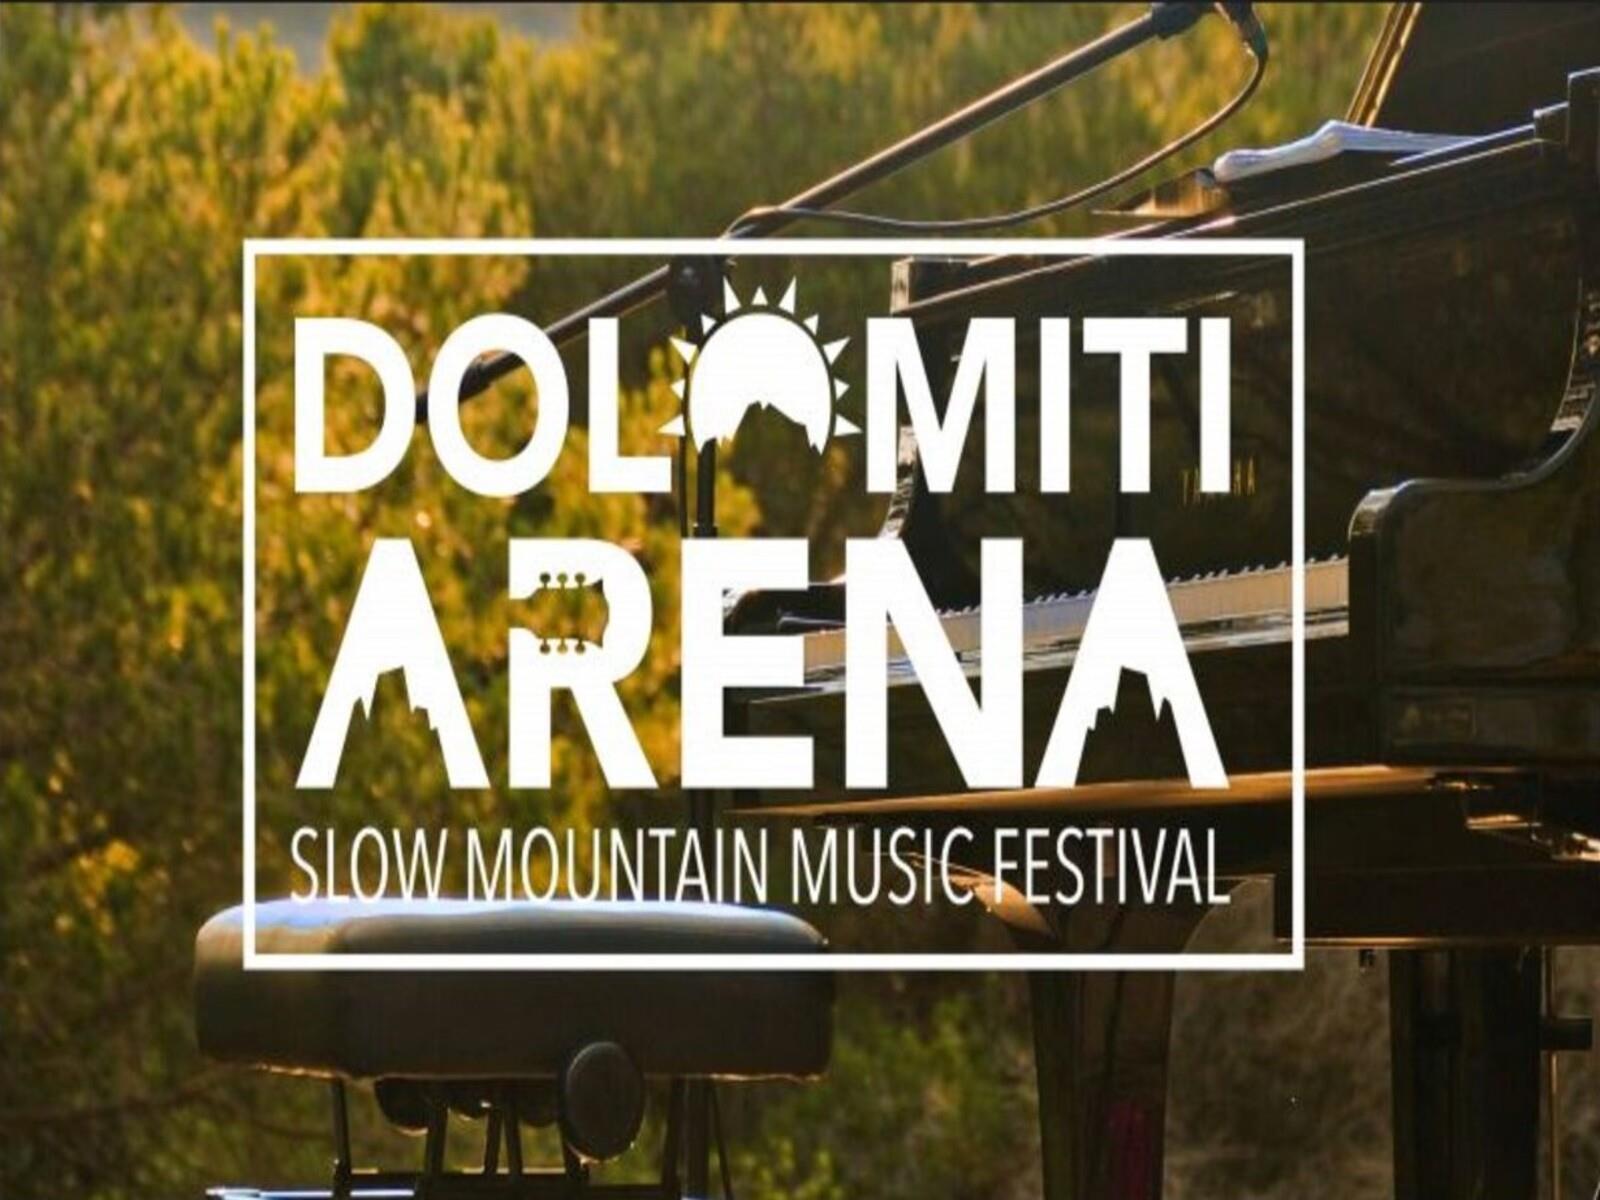 Dolomiti Arena Slow Mountain Music Festival